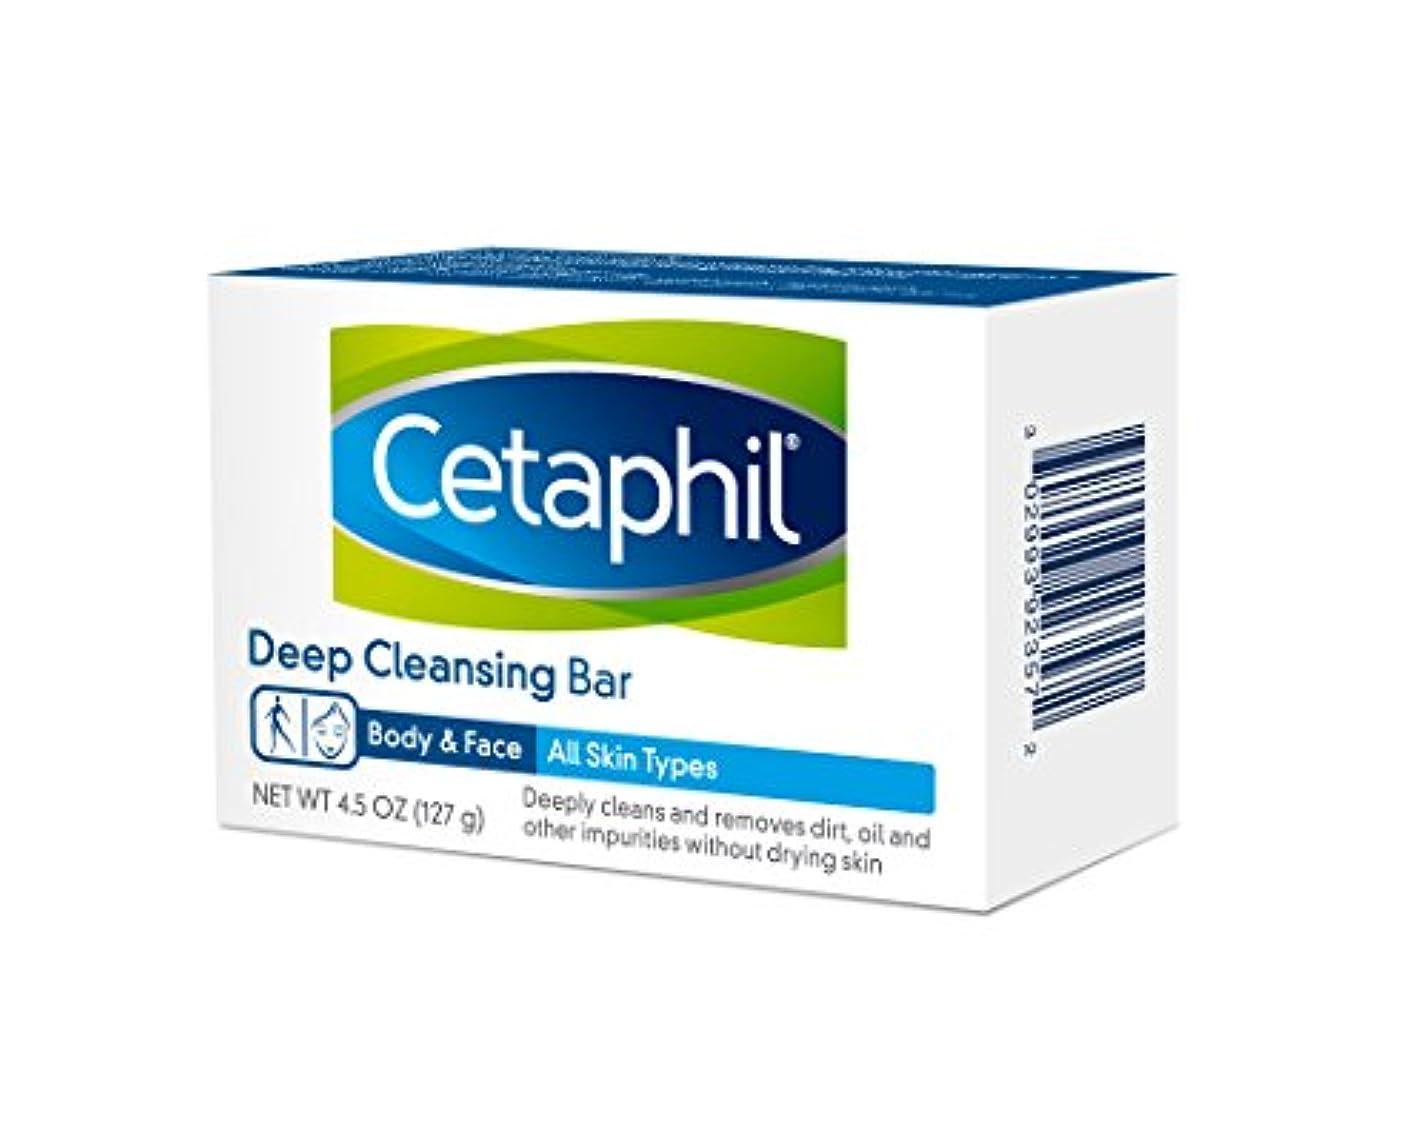 バリアもの有効化Cetaphil Deep Cleansing Face Body Bar for All Skin Types 127g×6個セット 並行輸入品